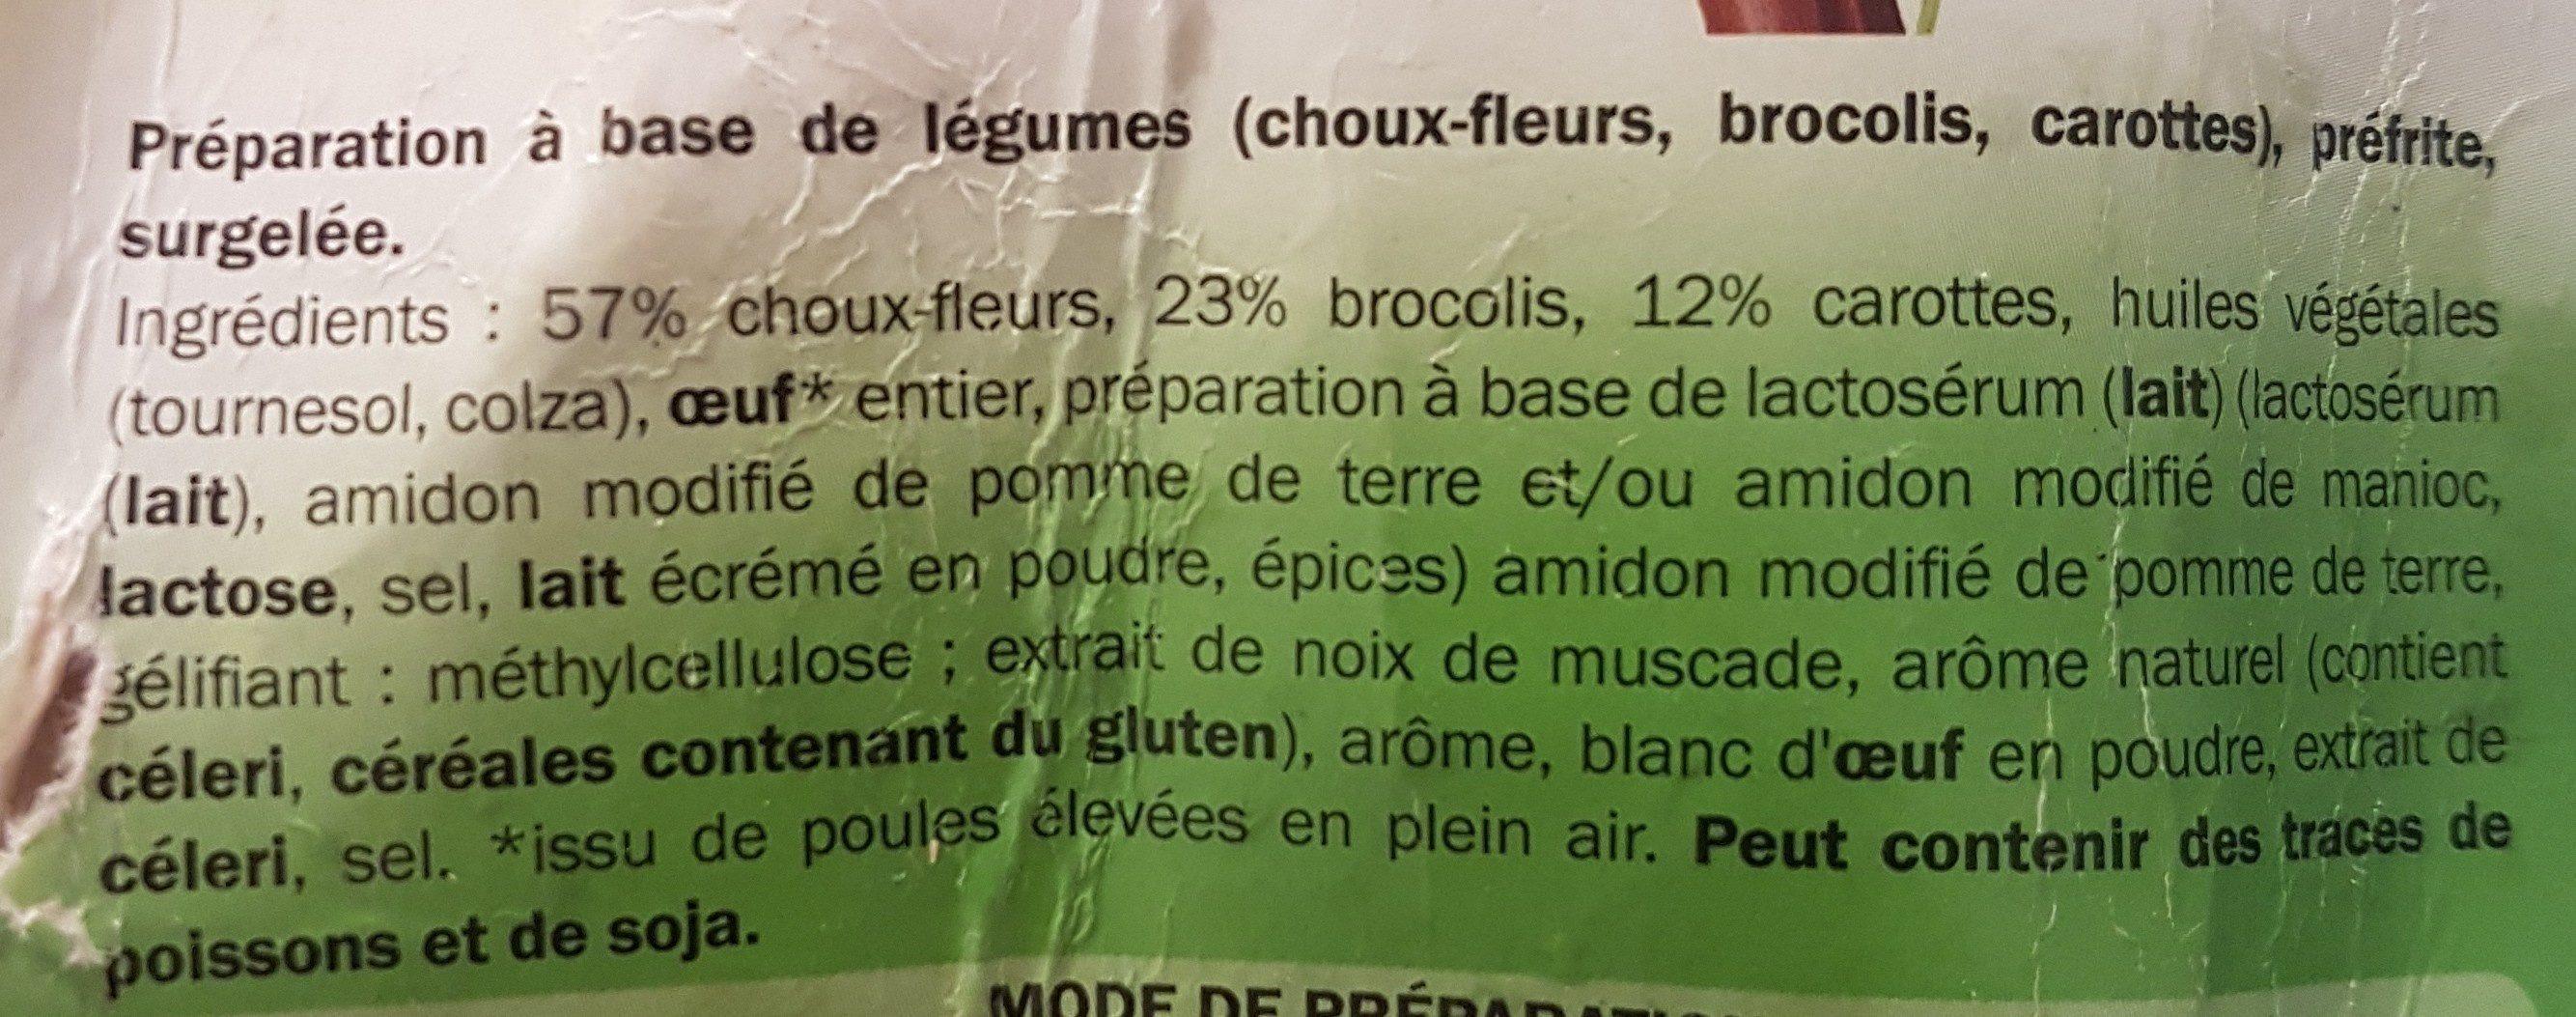 Galettes de légumes - Ingrédients - fr